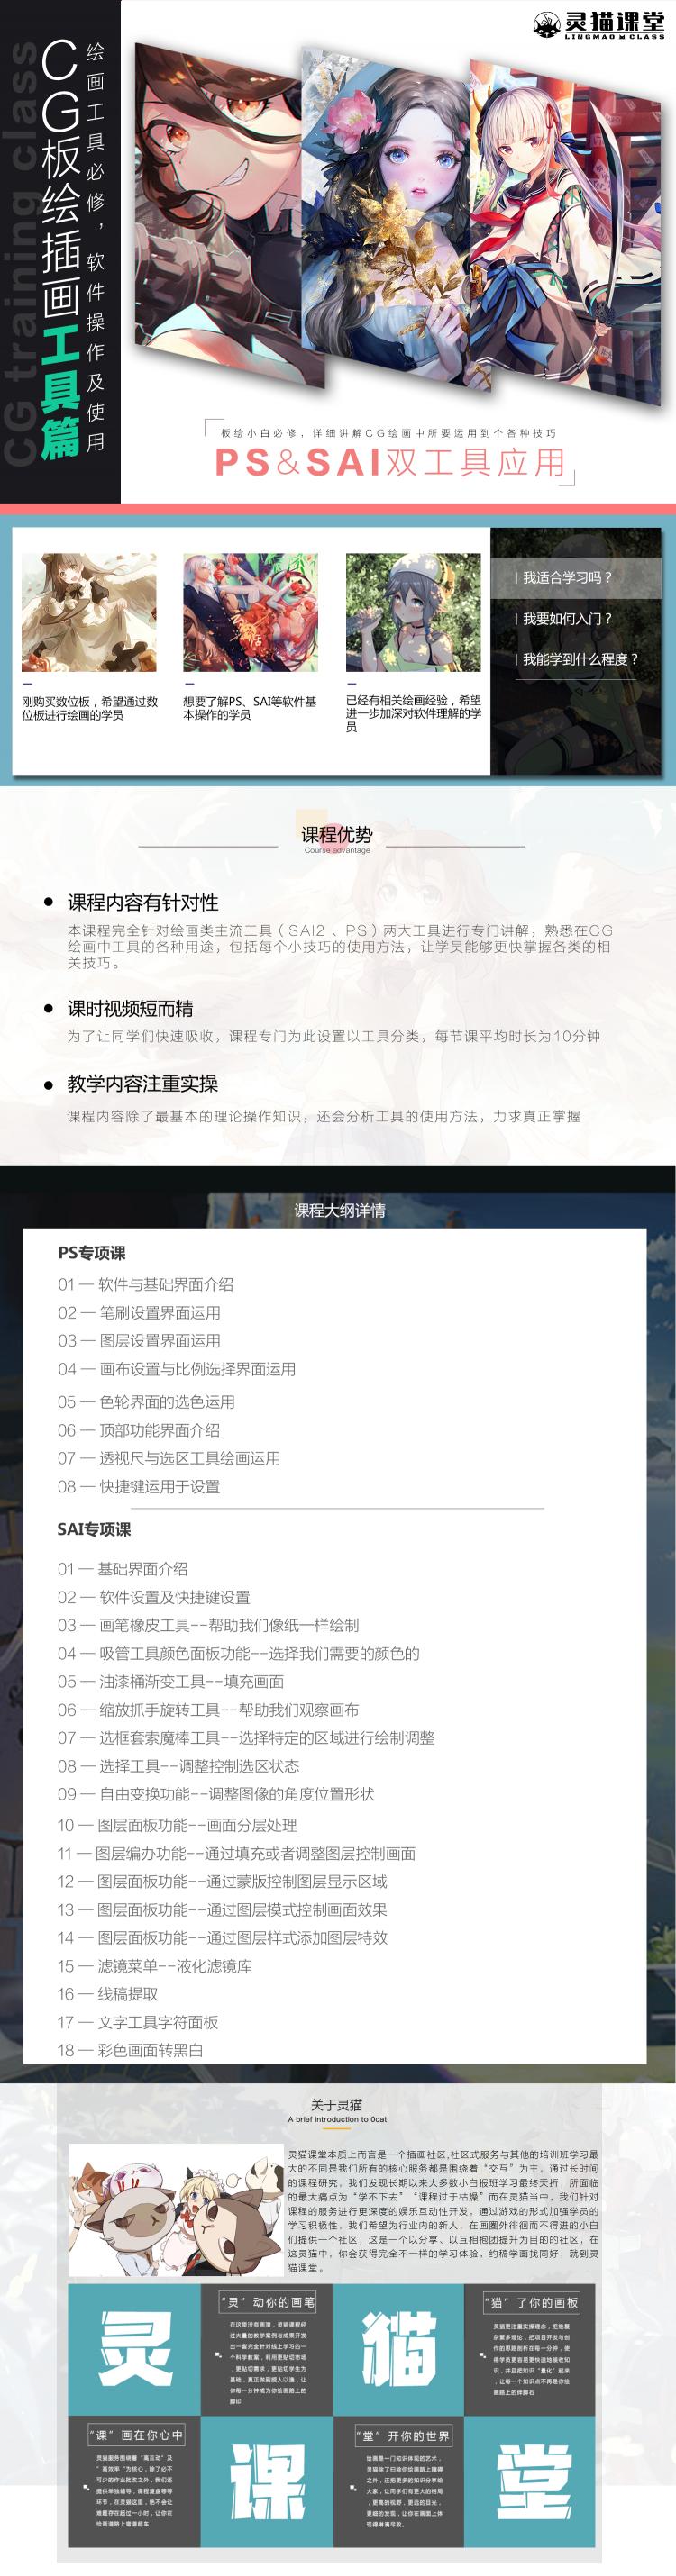 板绘工具箱介绍页面.png